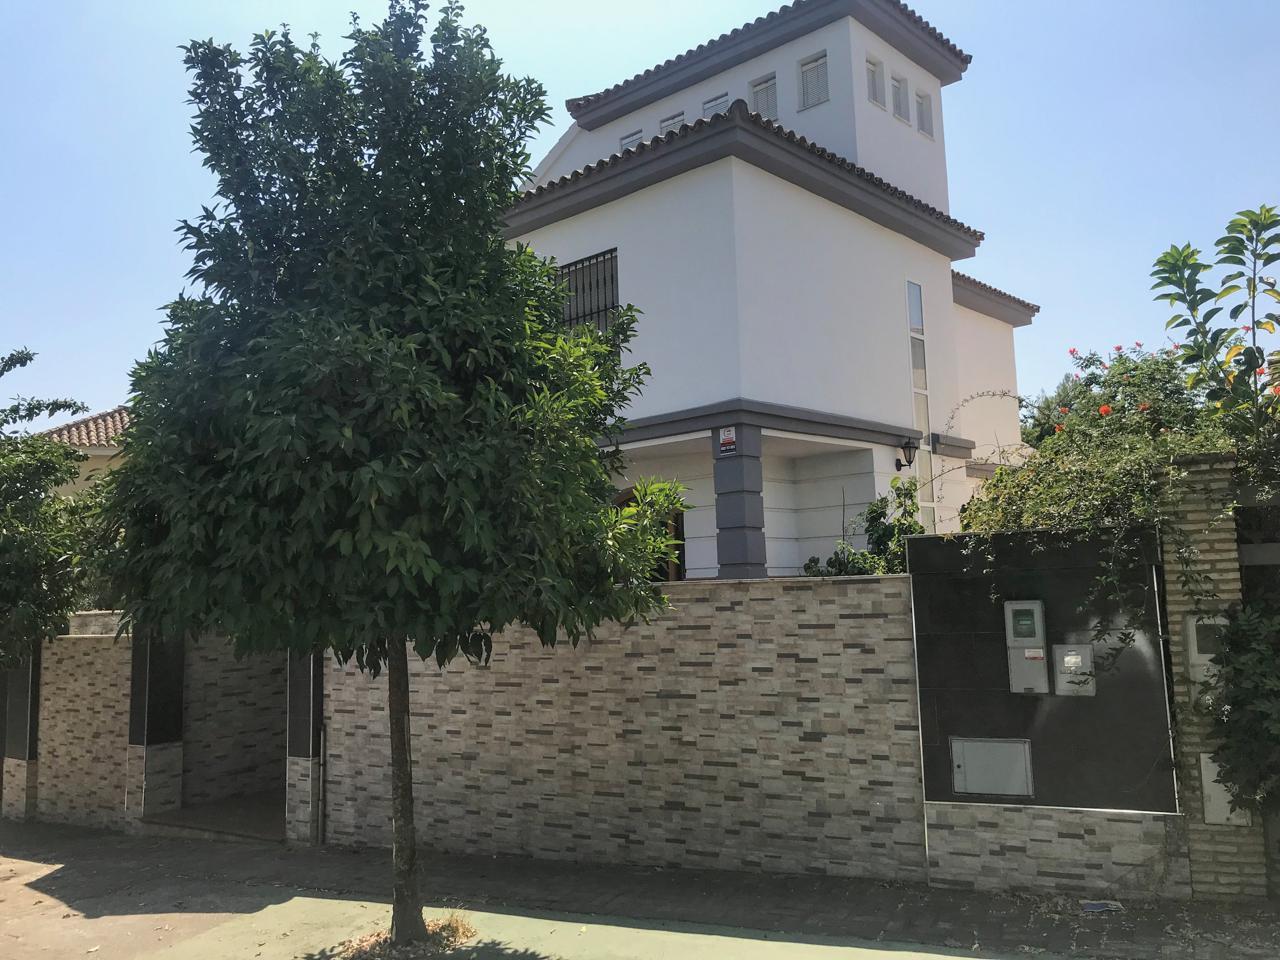 Casa / Chalet en venta en Mairena del Aljarafe de 389 m2